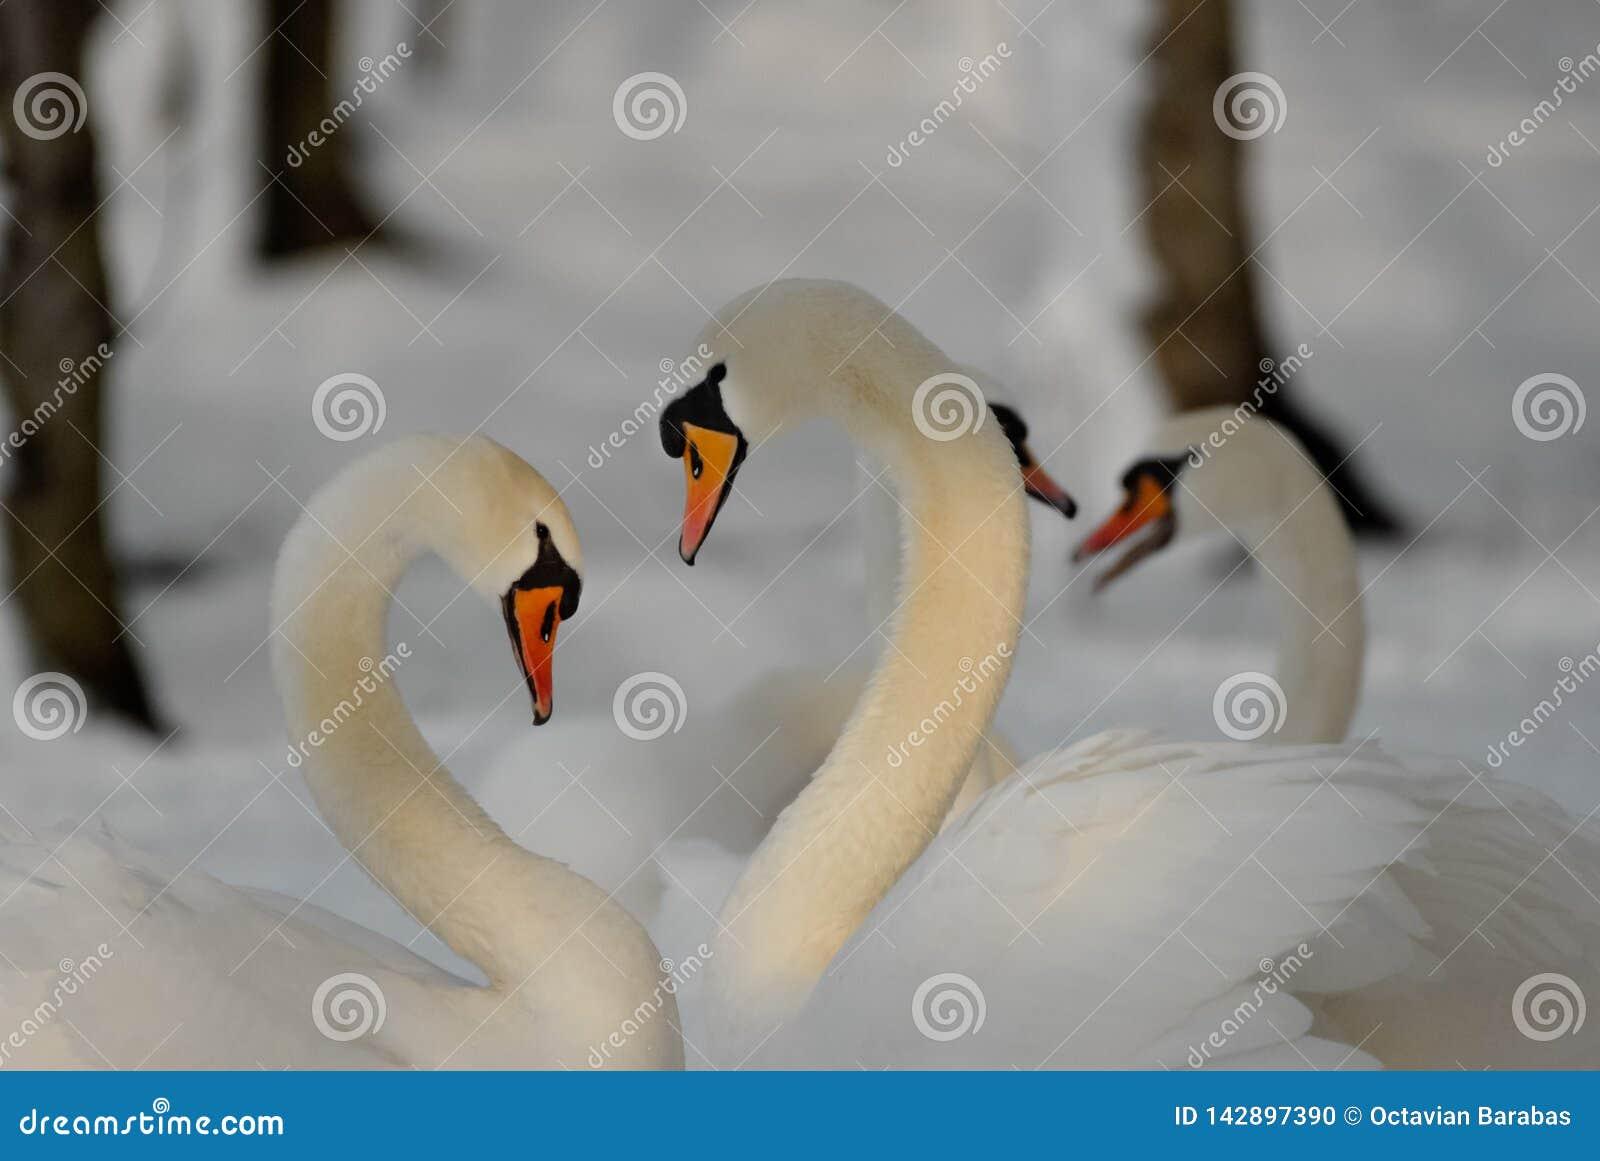 Två svanar som bildar en hjärta med deras halsar